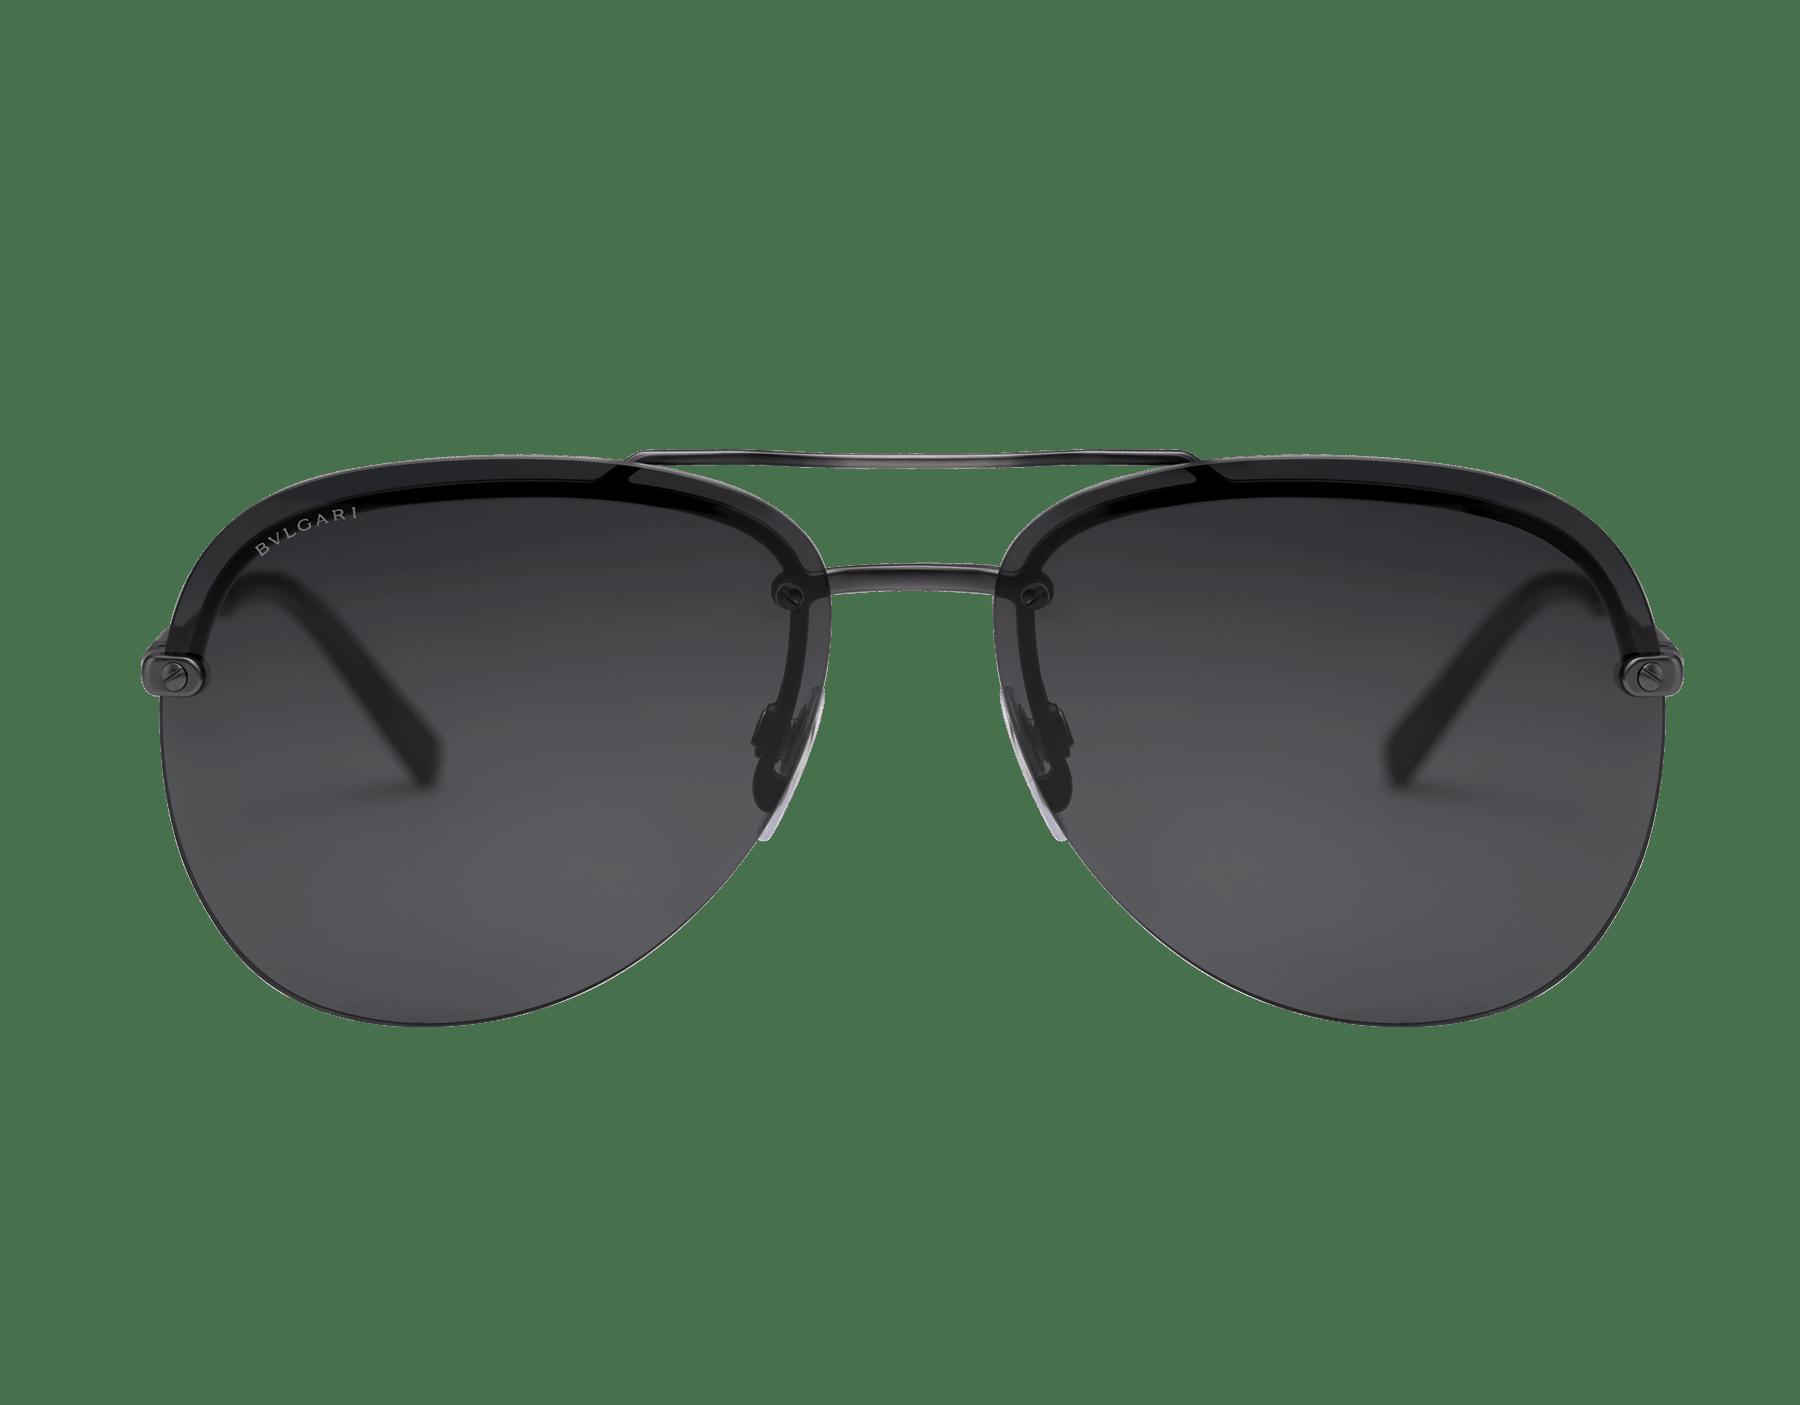 BVLGARI BVLGARI semi-rimless aviator sunglasses. 903412 image 3